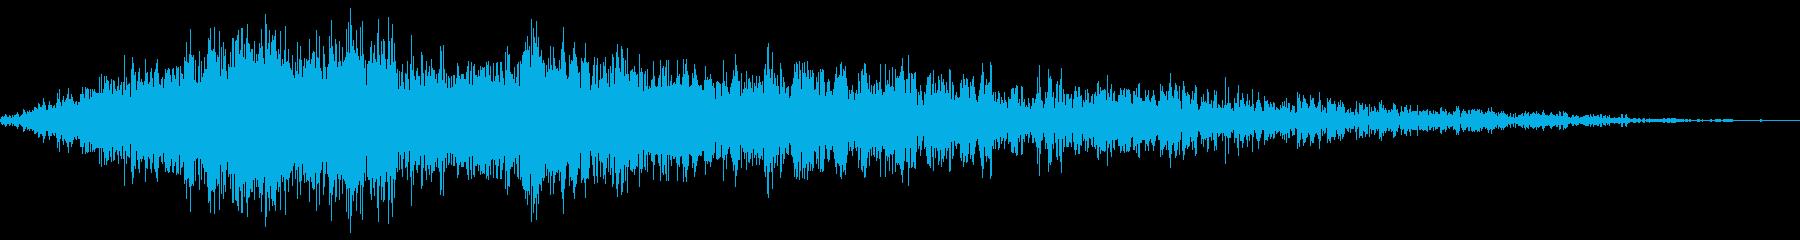 風魔法(風を圧縮した玉)の再生済みの波形